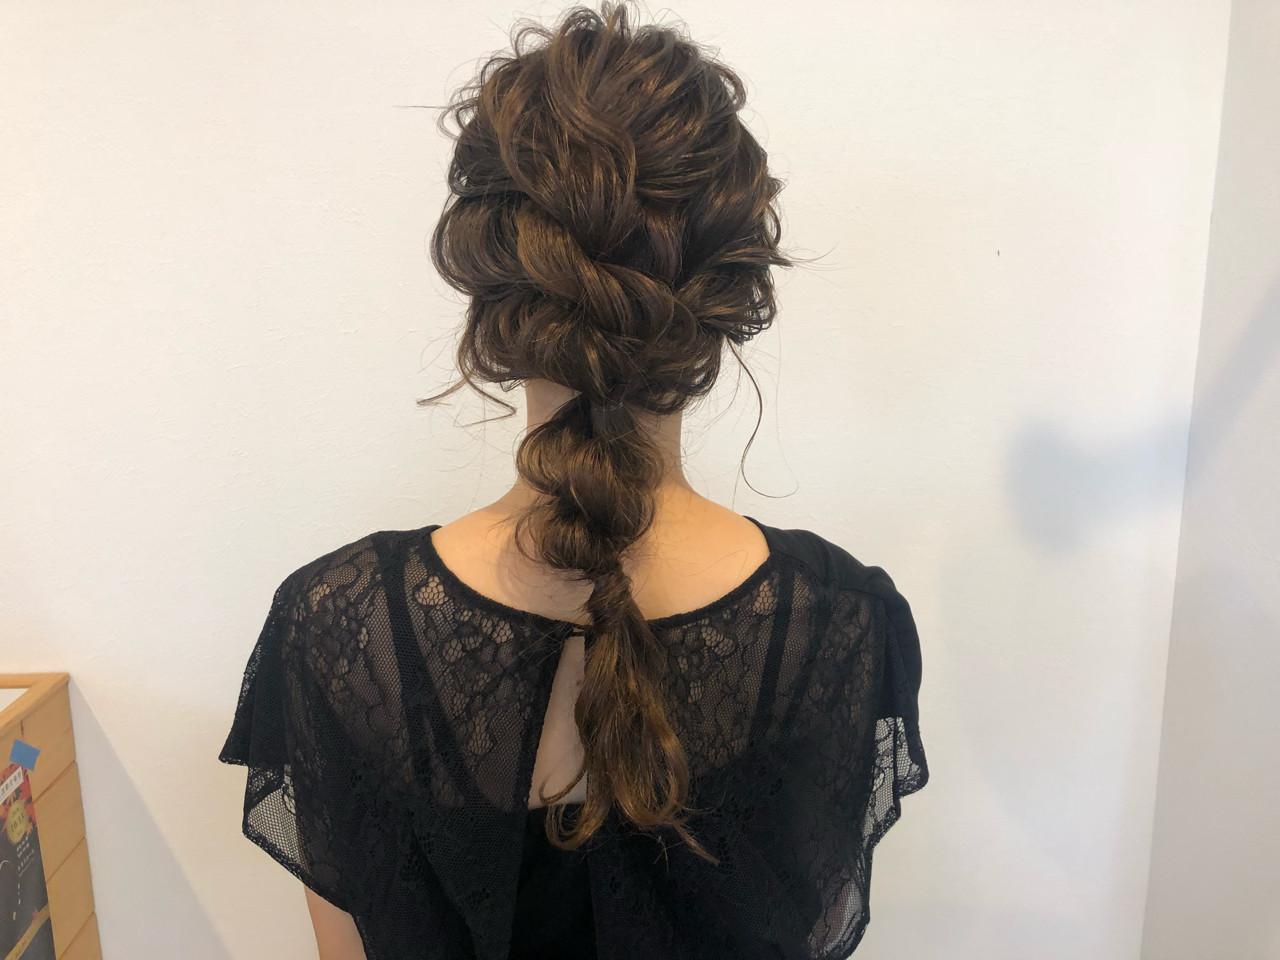 セミロング パーティ 結婚式 女子力 ヘアスタイルや髪型の写真・画像 | 宇渡 裕一 / Lillie hair&spa